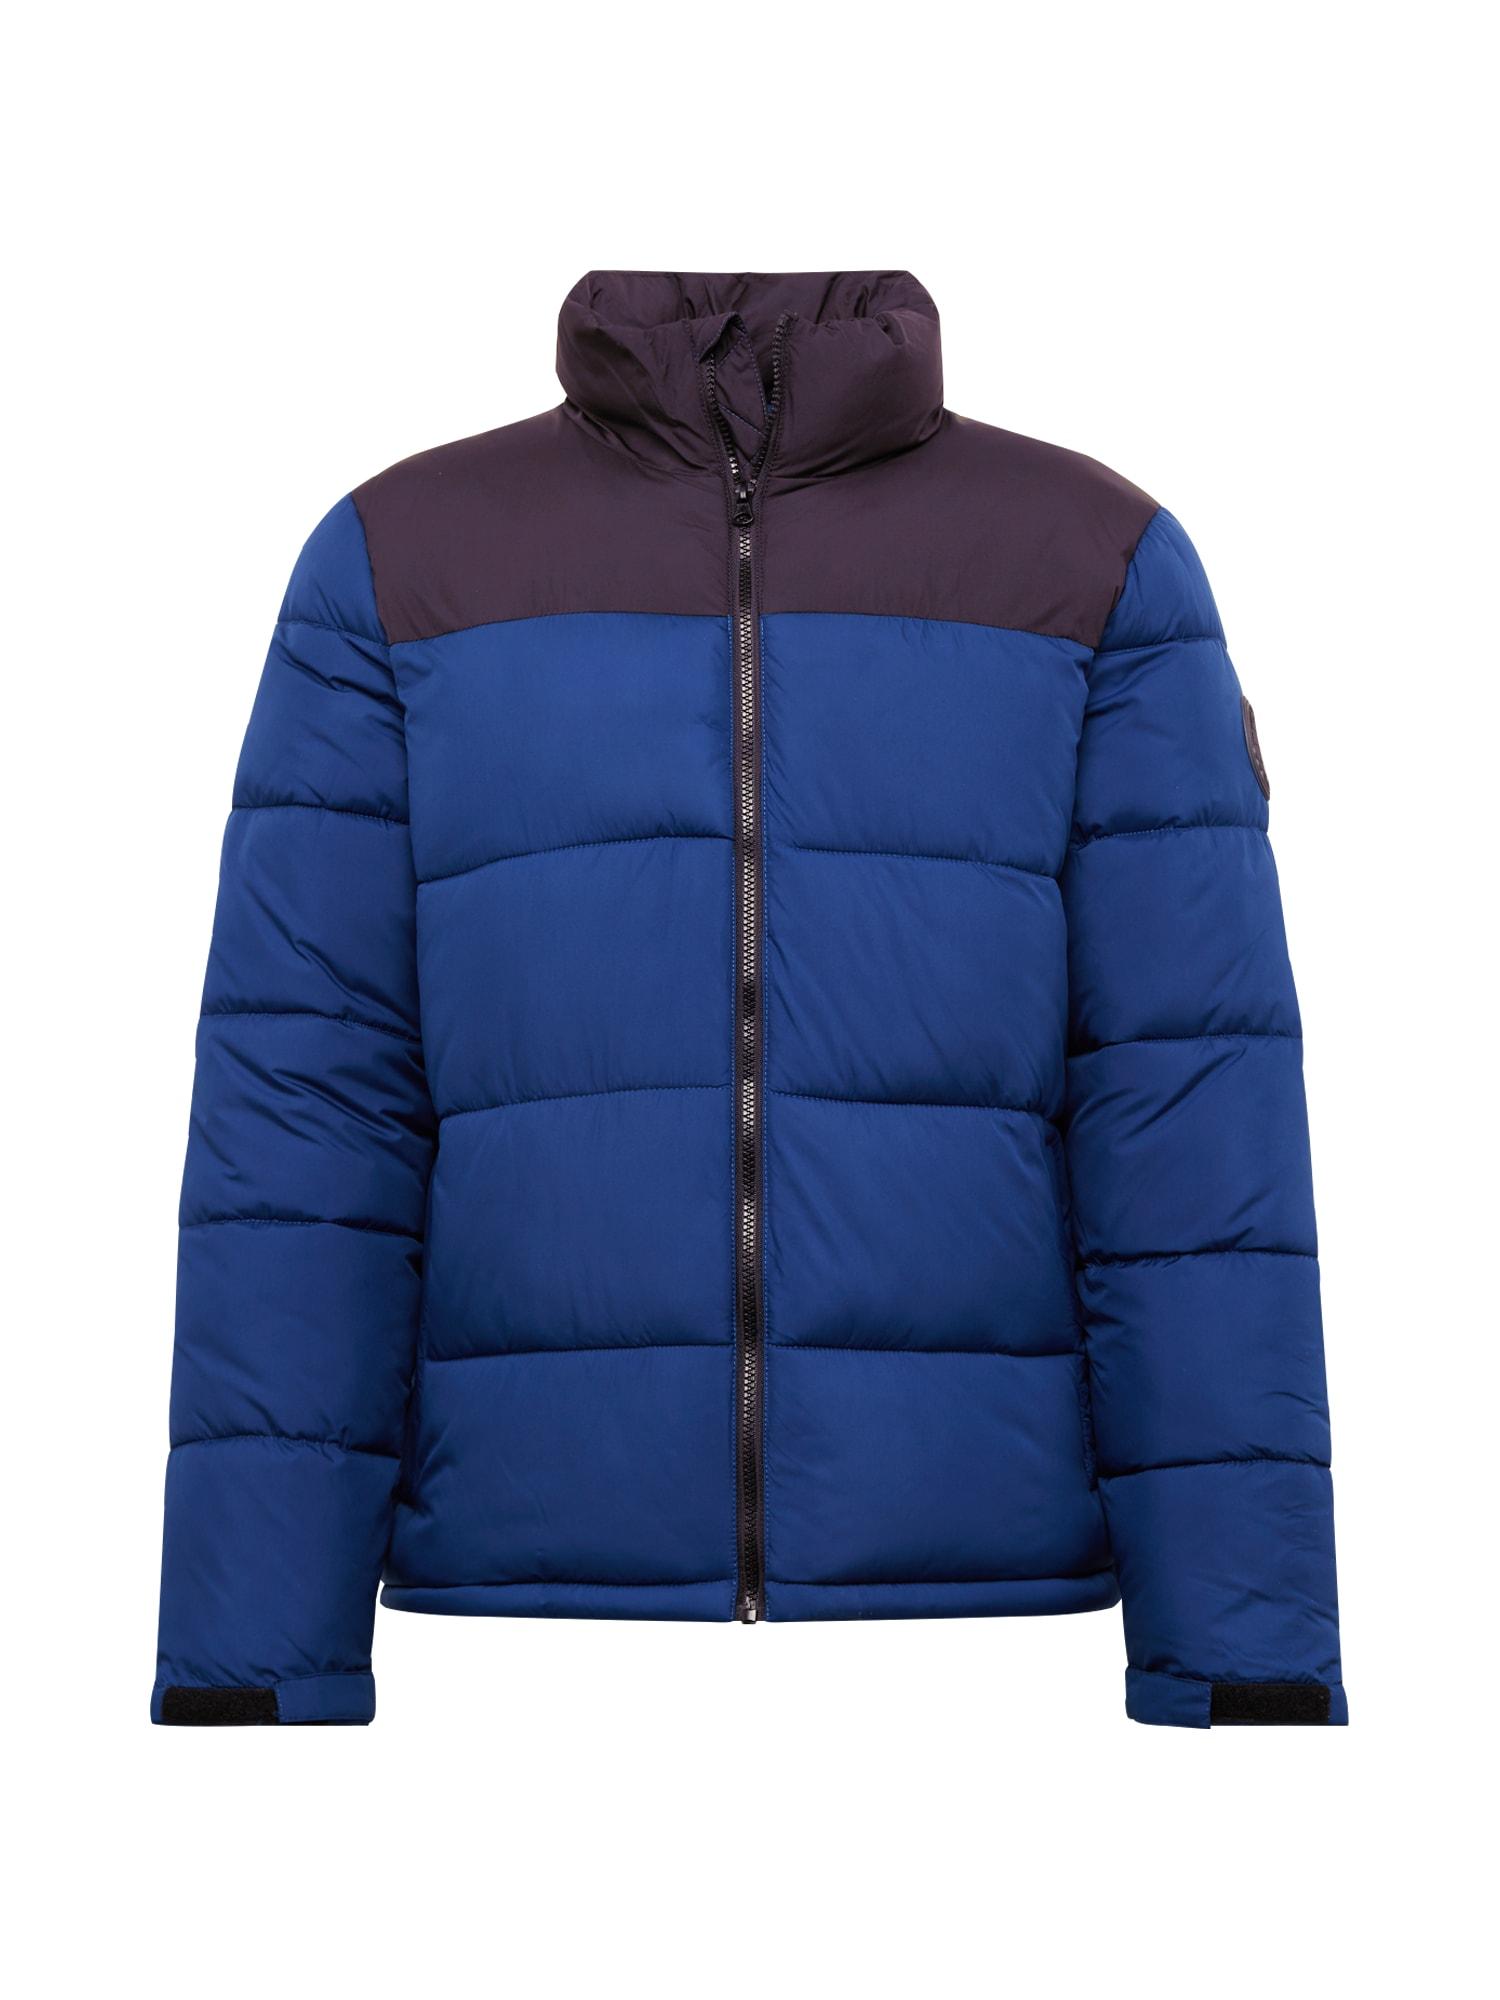 BURTON MENSWEAR LONDON Žieminė striukė mėlyna